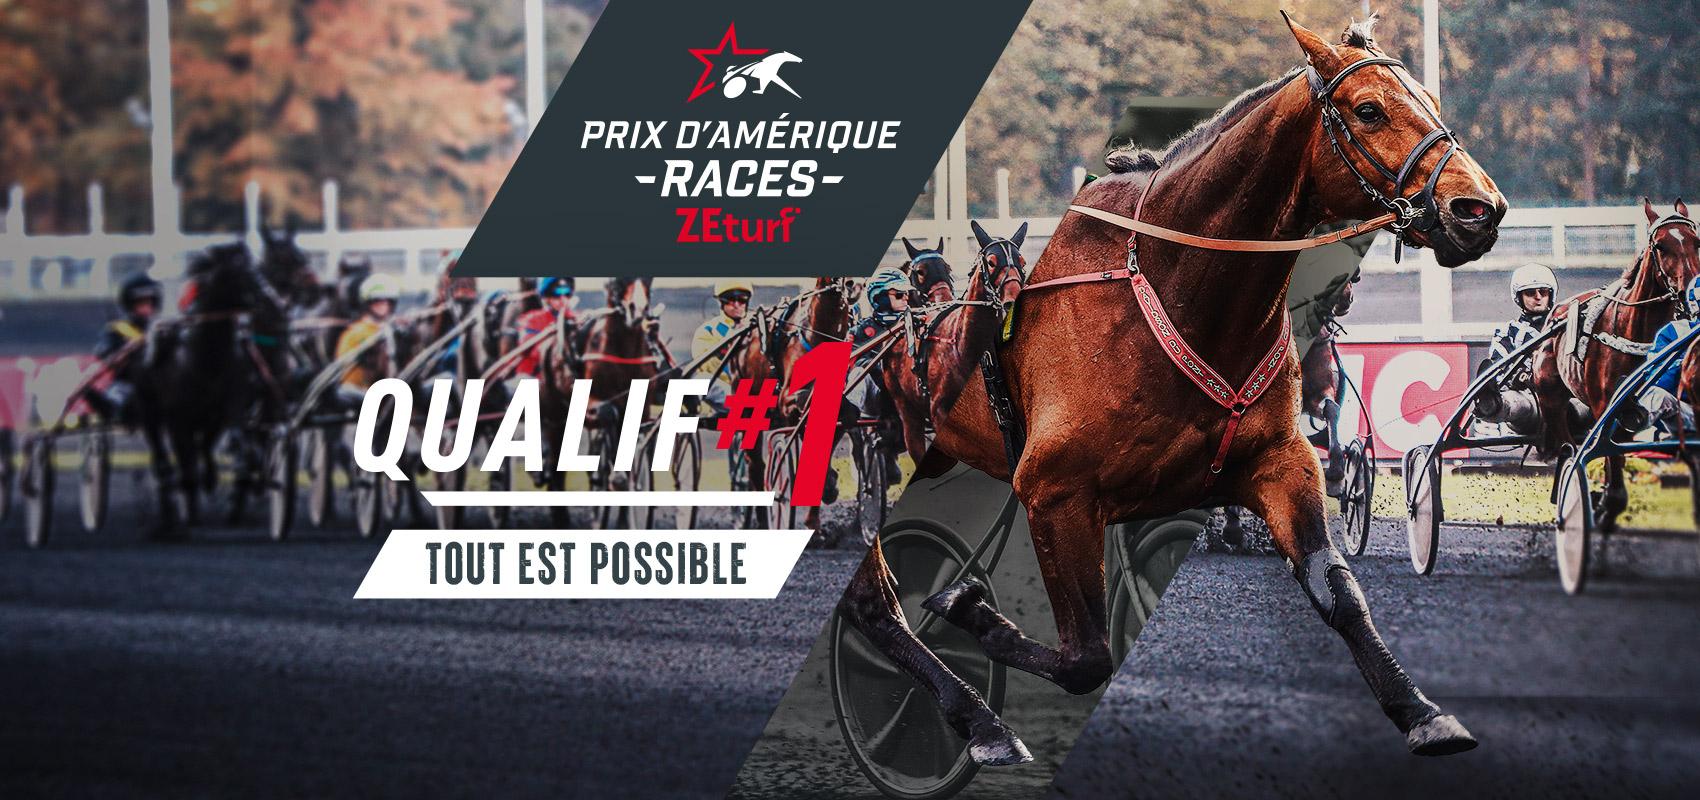 Prix d'Amérique Races ZEturf Qualif #1: the runners